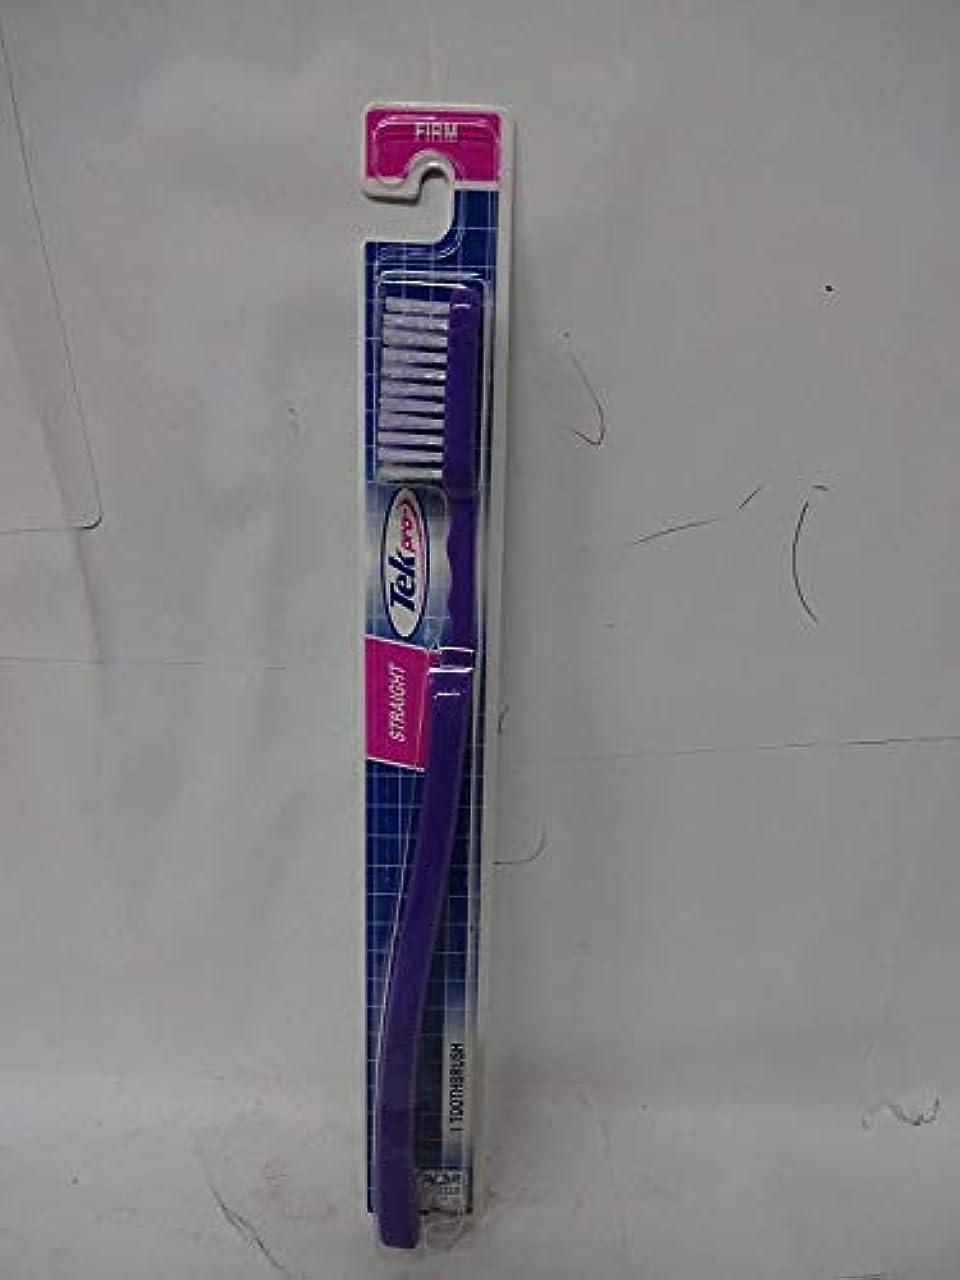 ミサイル平手打ち死ぬTEK 歯ブラシの企業規模1CT歯ブラシ、12パック 12のパック